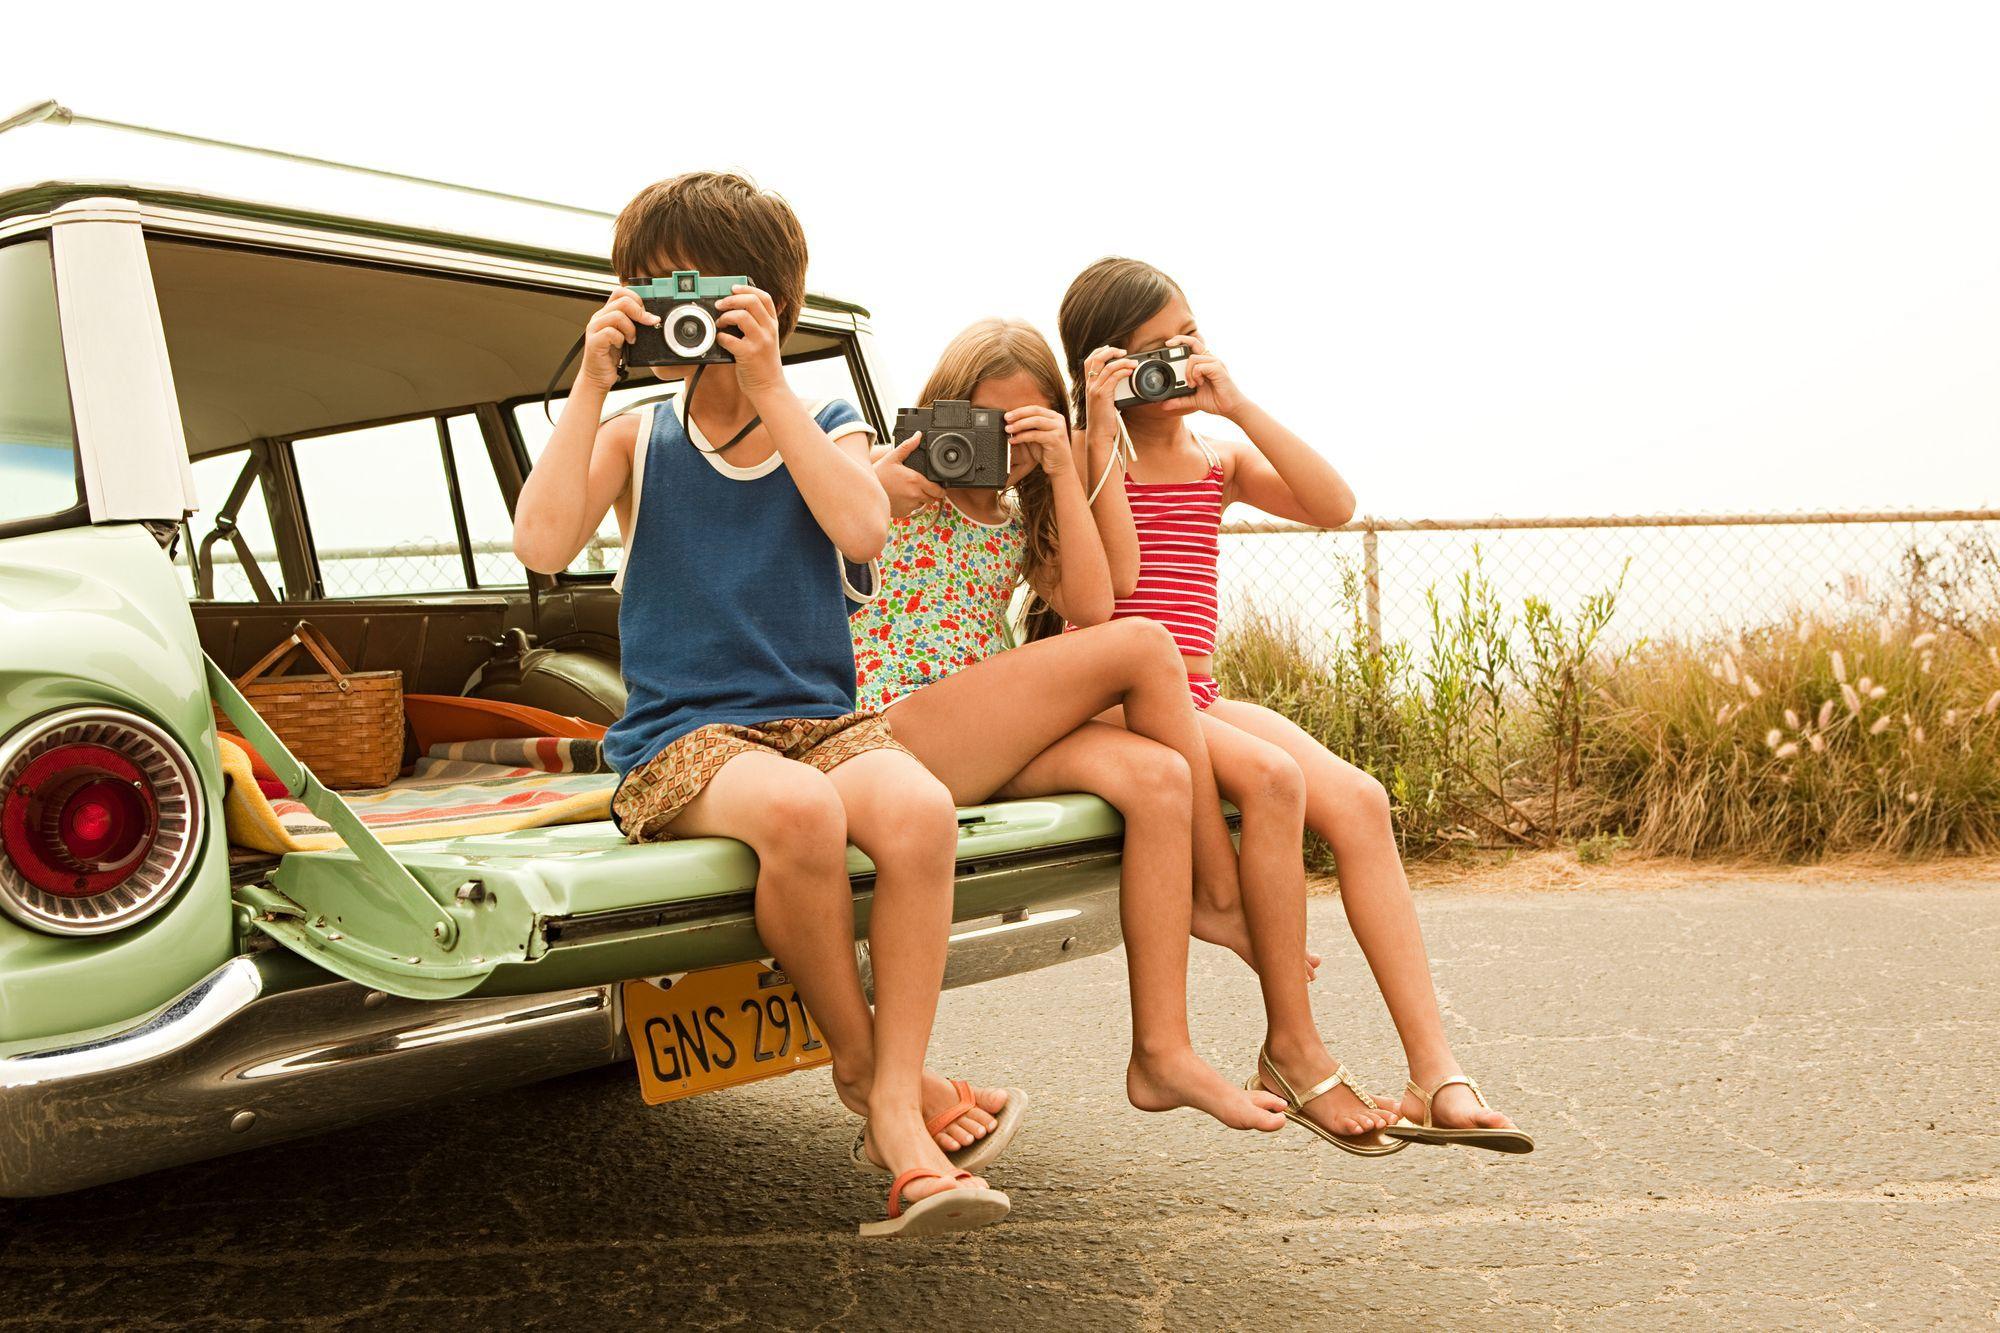 Kinder-Urlaub-Haustausch-Familie-Ferien-Fotografie